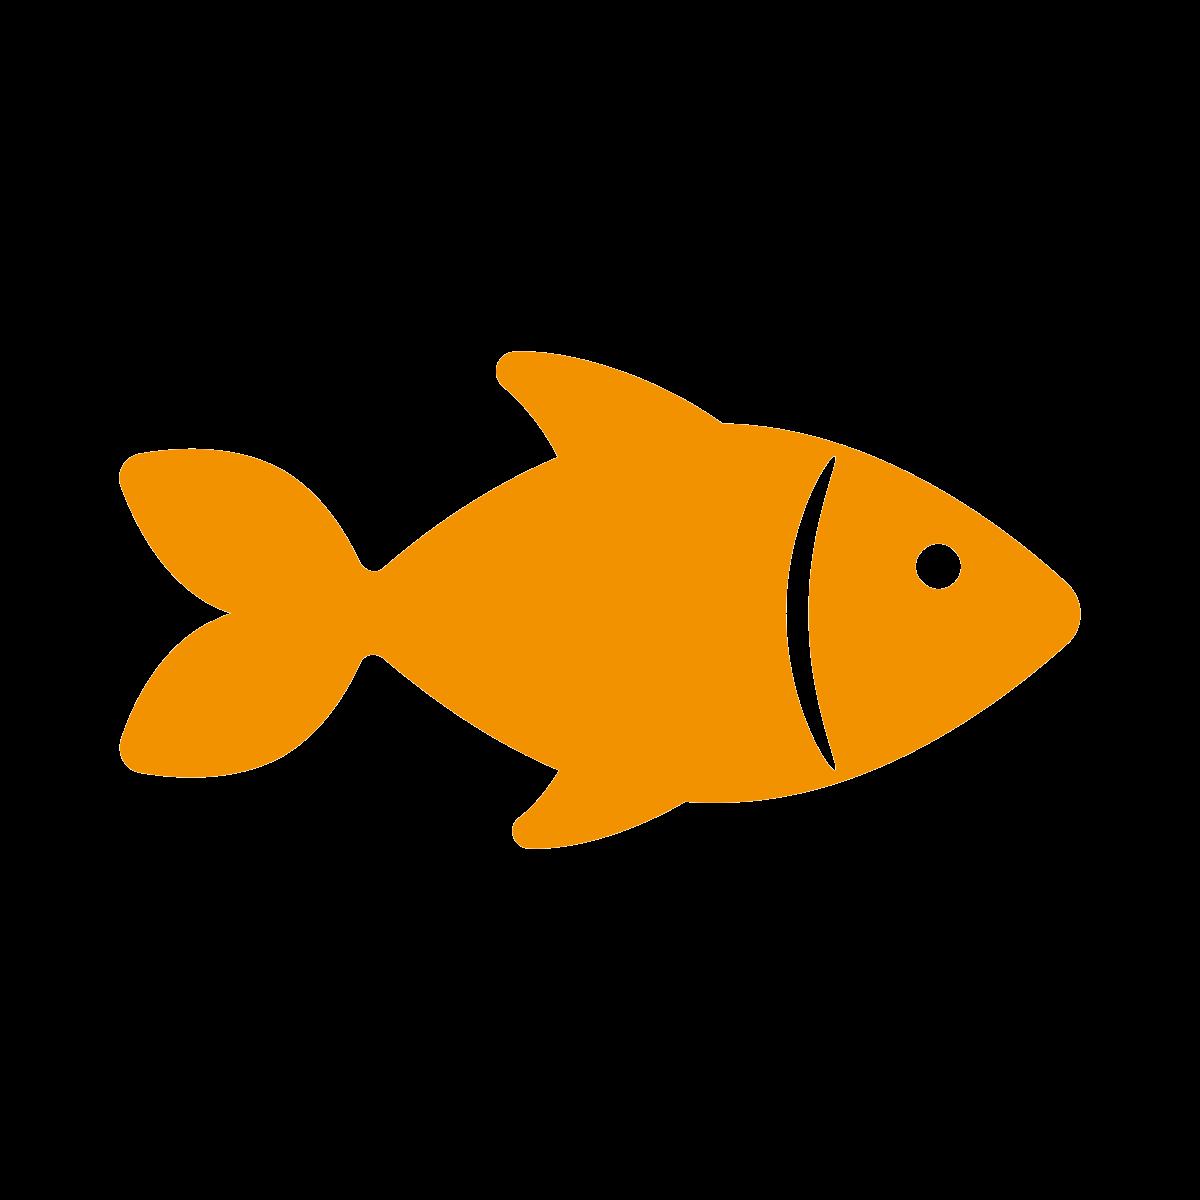 noun_Fish_1847789_f39200